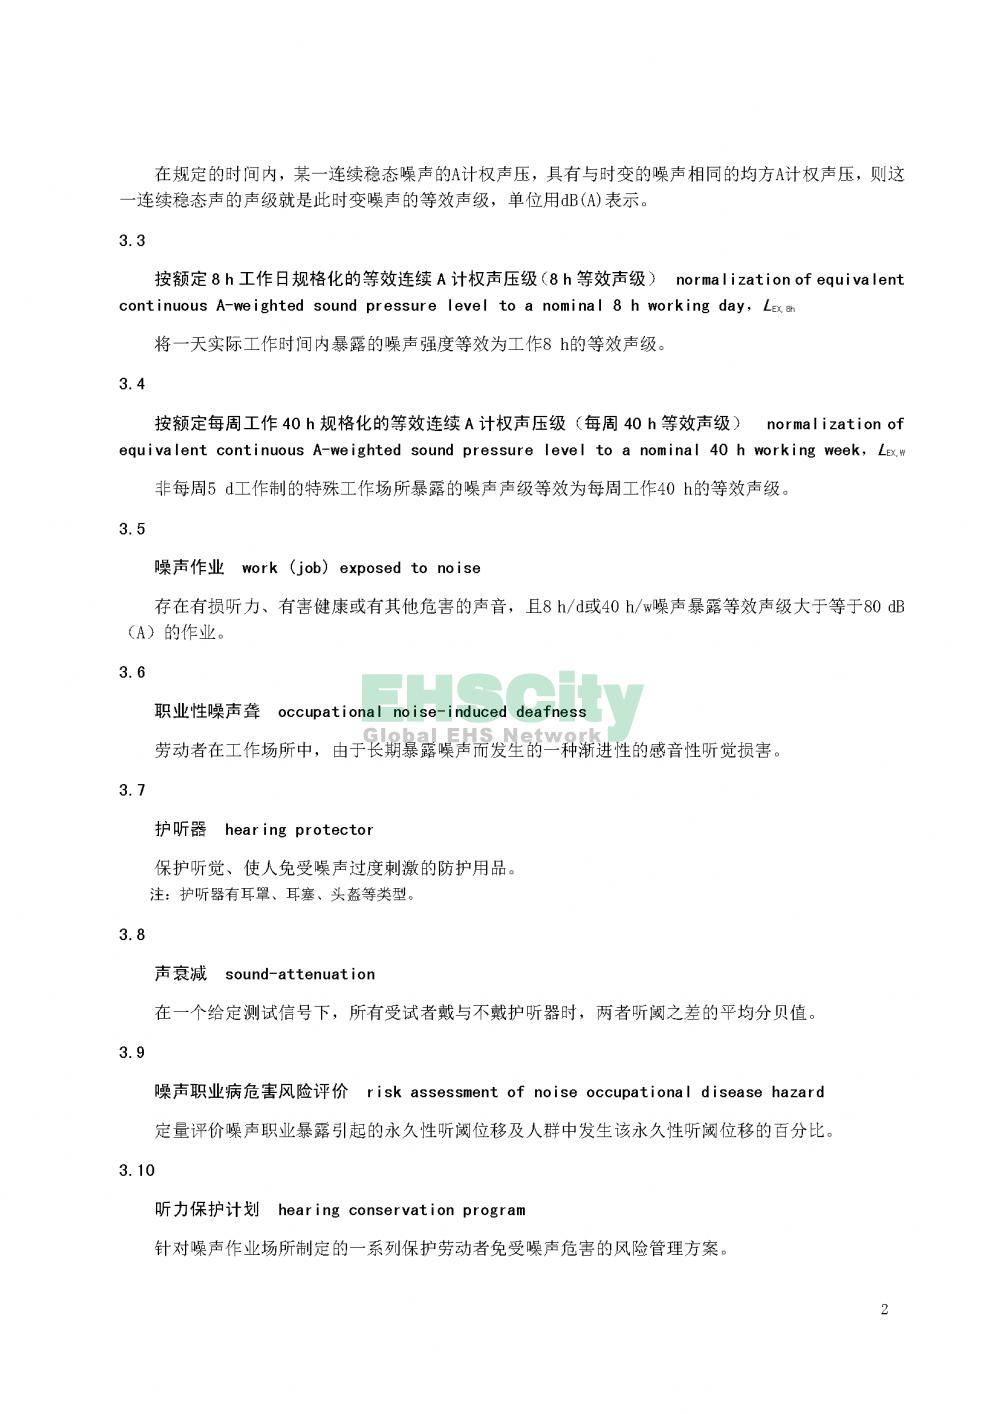 噪声职业病危害风险管理指南_页面_05